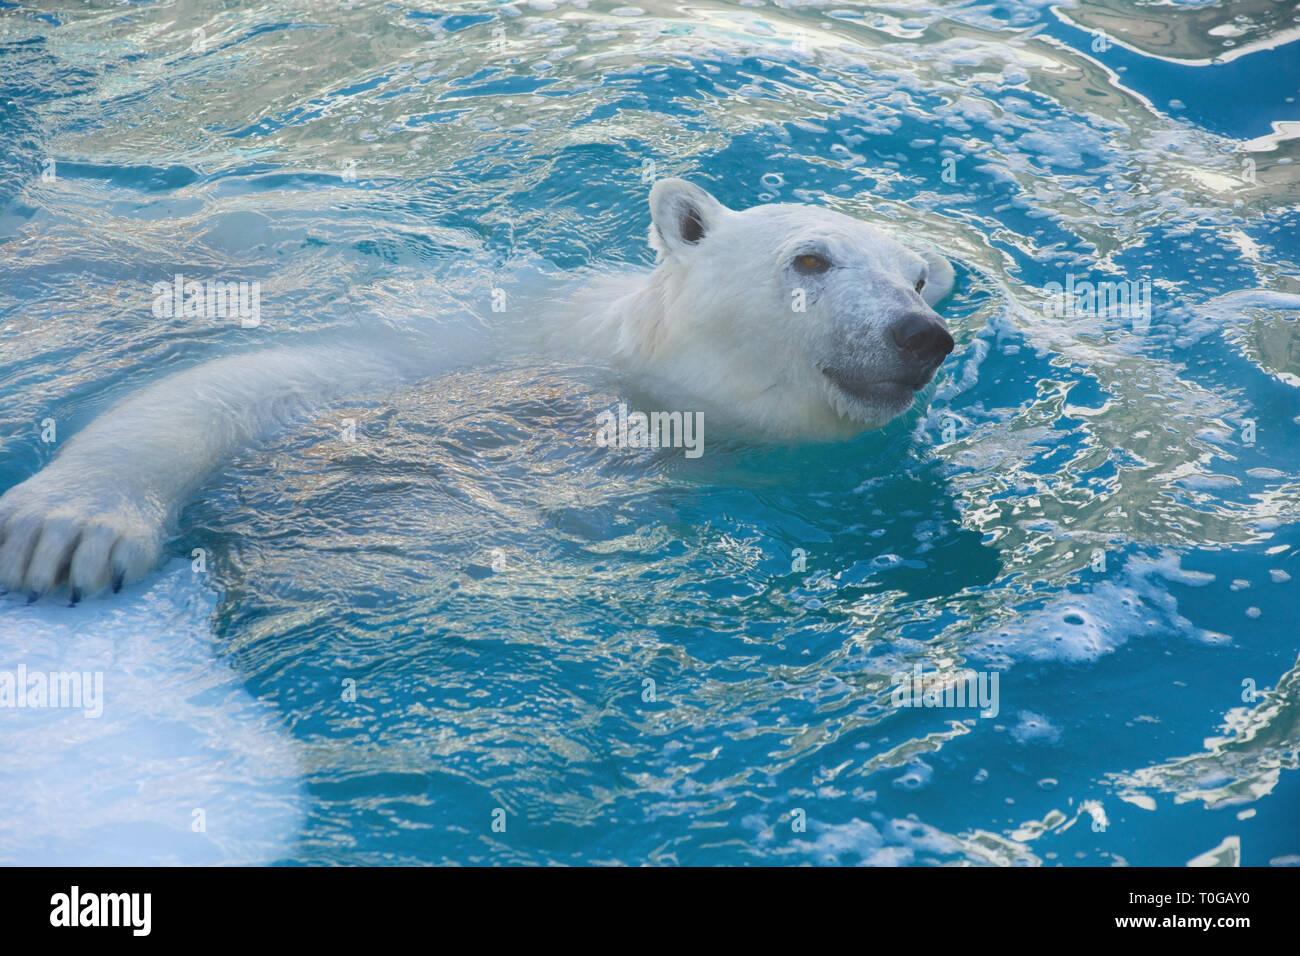 Big polar bear is swimming in the water. Ursus maritimus or Thalarctos Maritimus. Animals in wildlife. - Stock Image